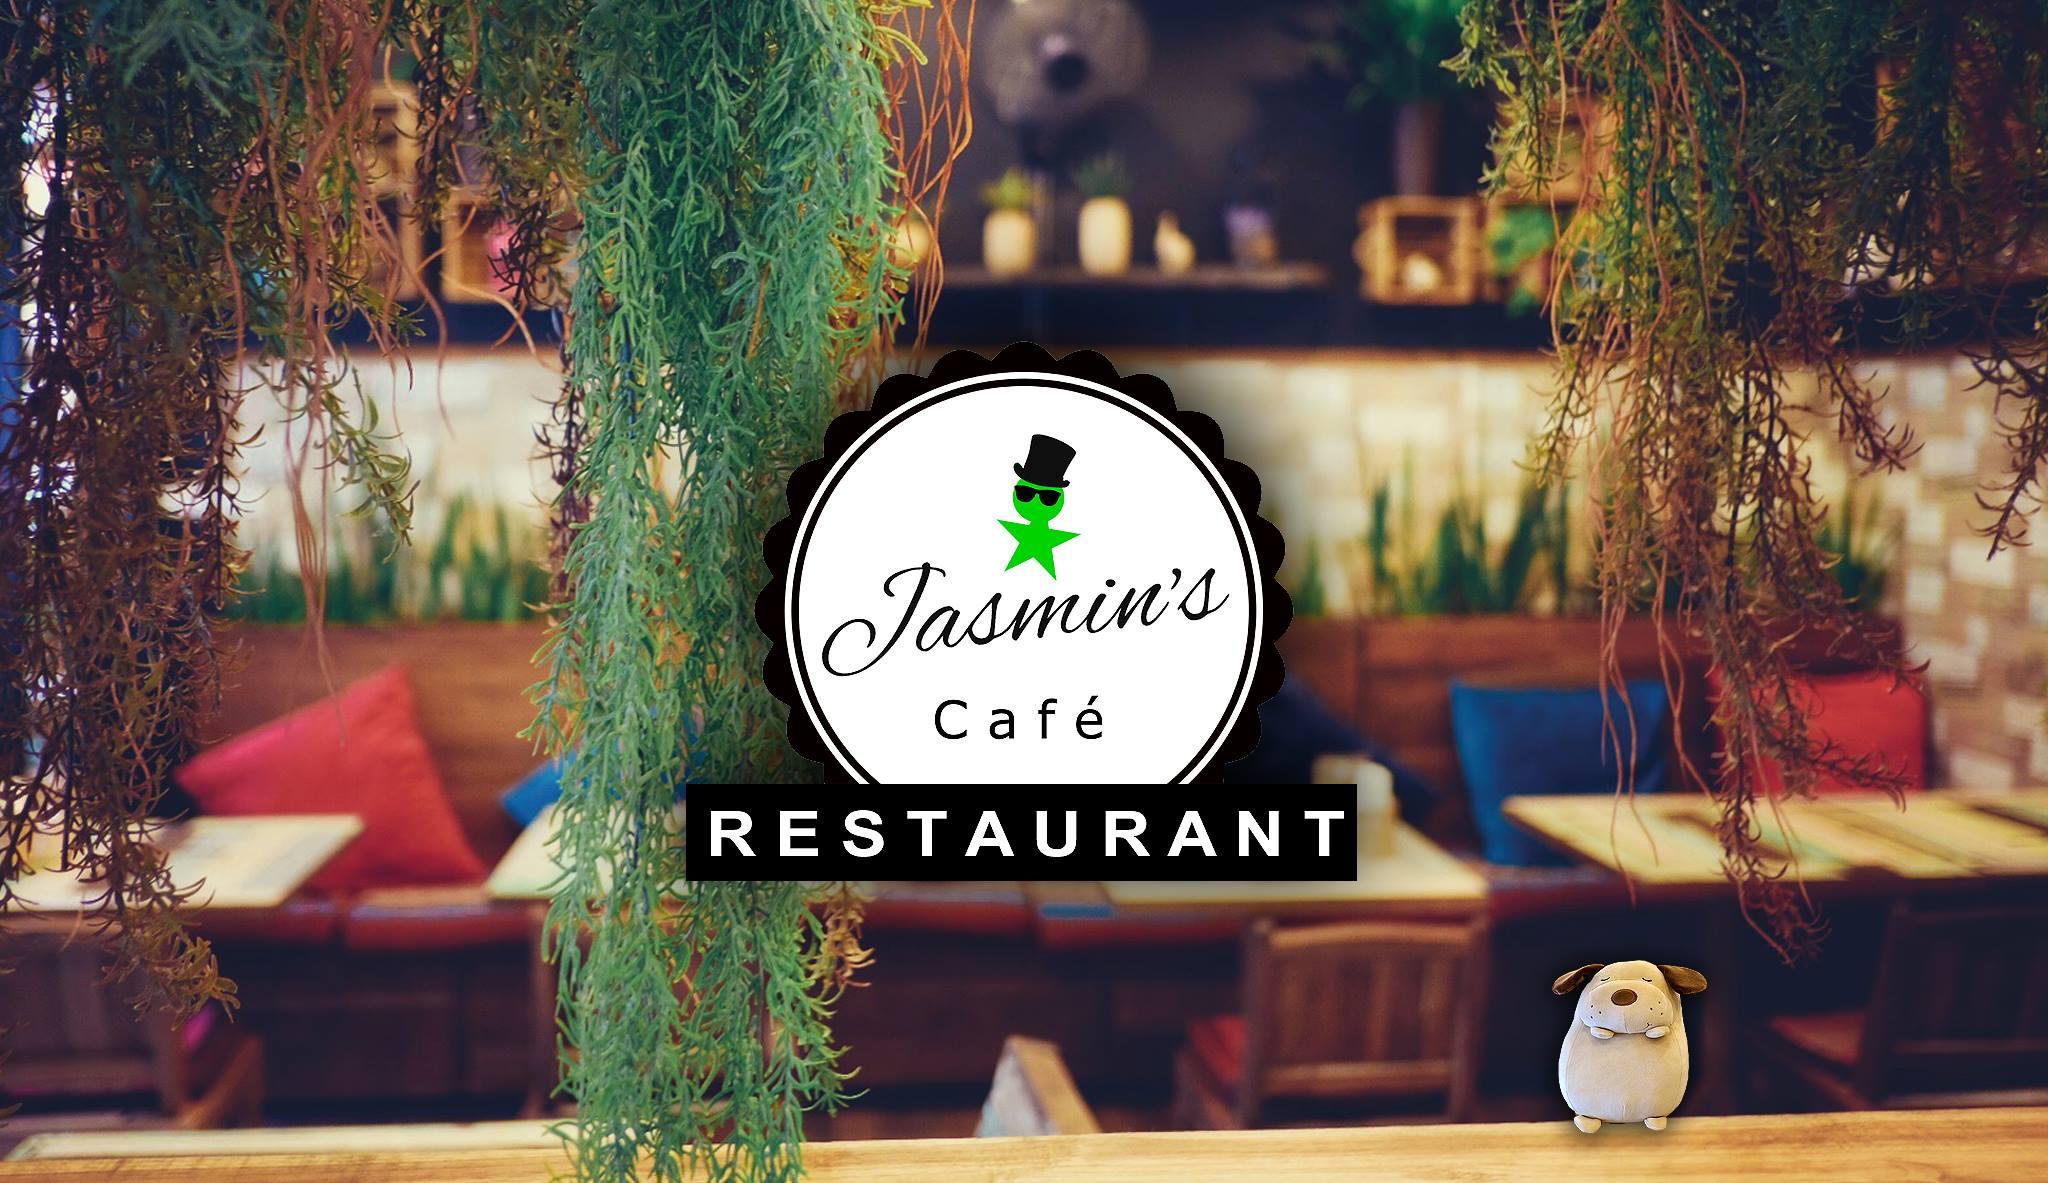 Jasmin's cafeアイキャッチ